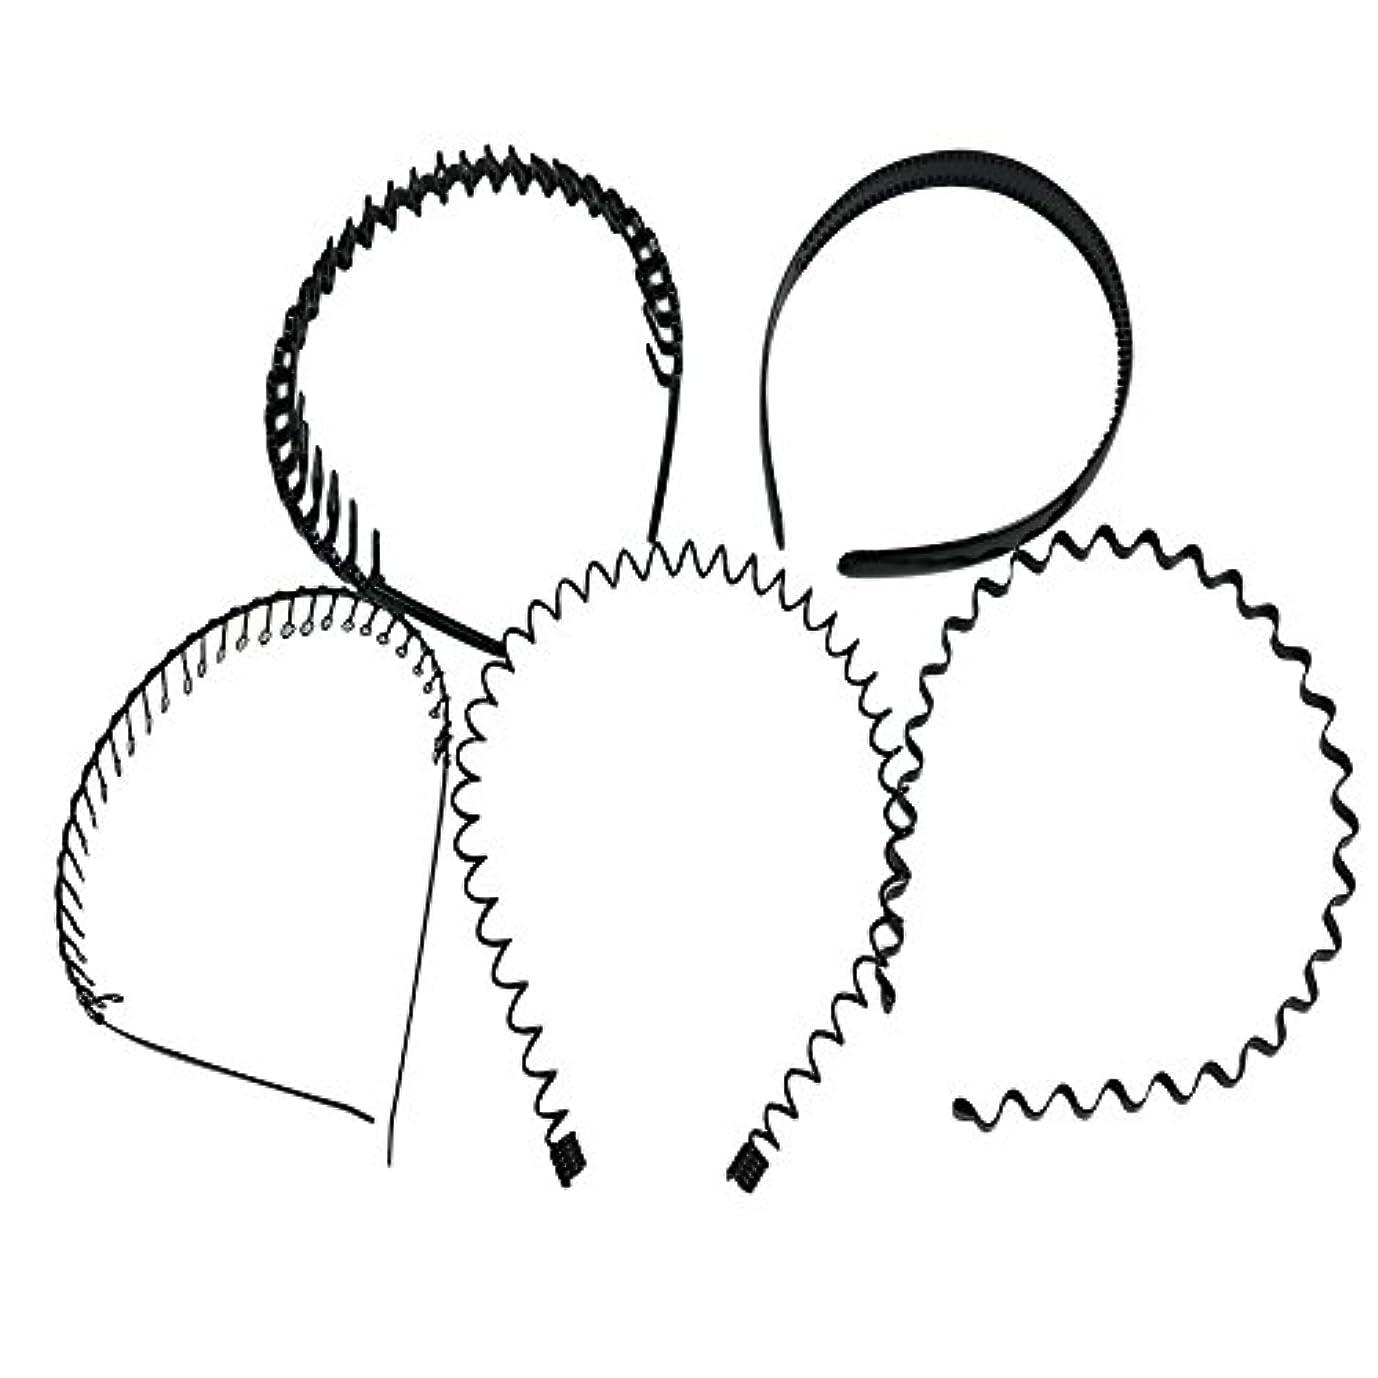 大混乱ペフ民主主義palaisgent カチューシャ 5種類セット 波型 コイル コーム付き シンプル ブラック 男女兼用